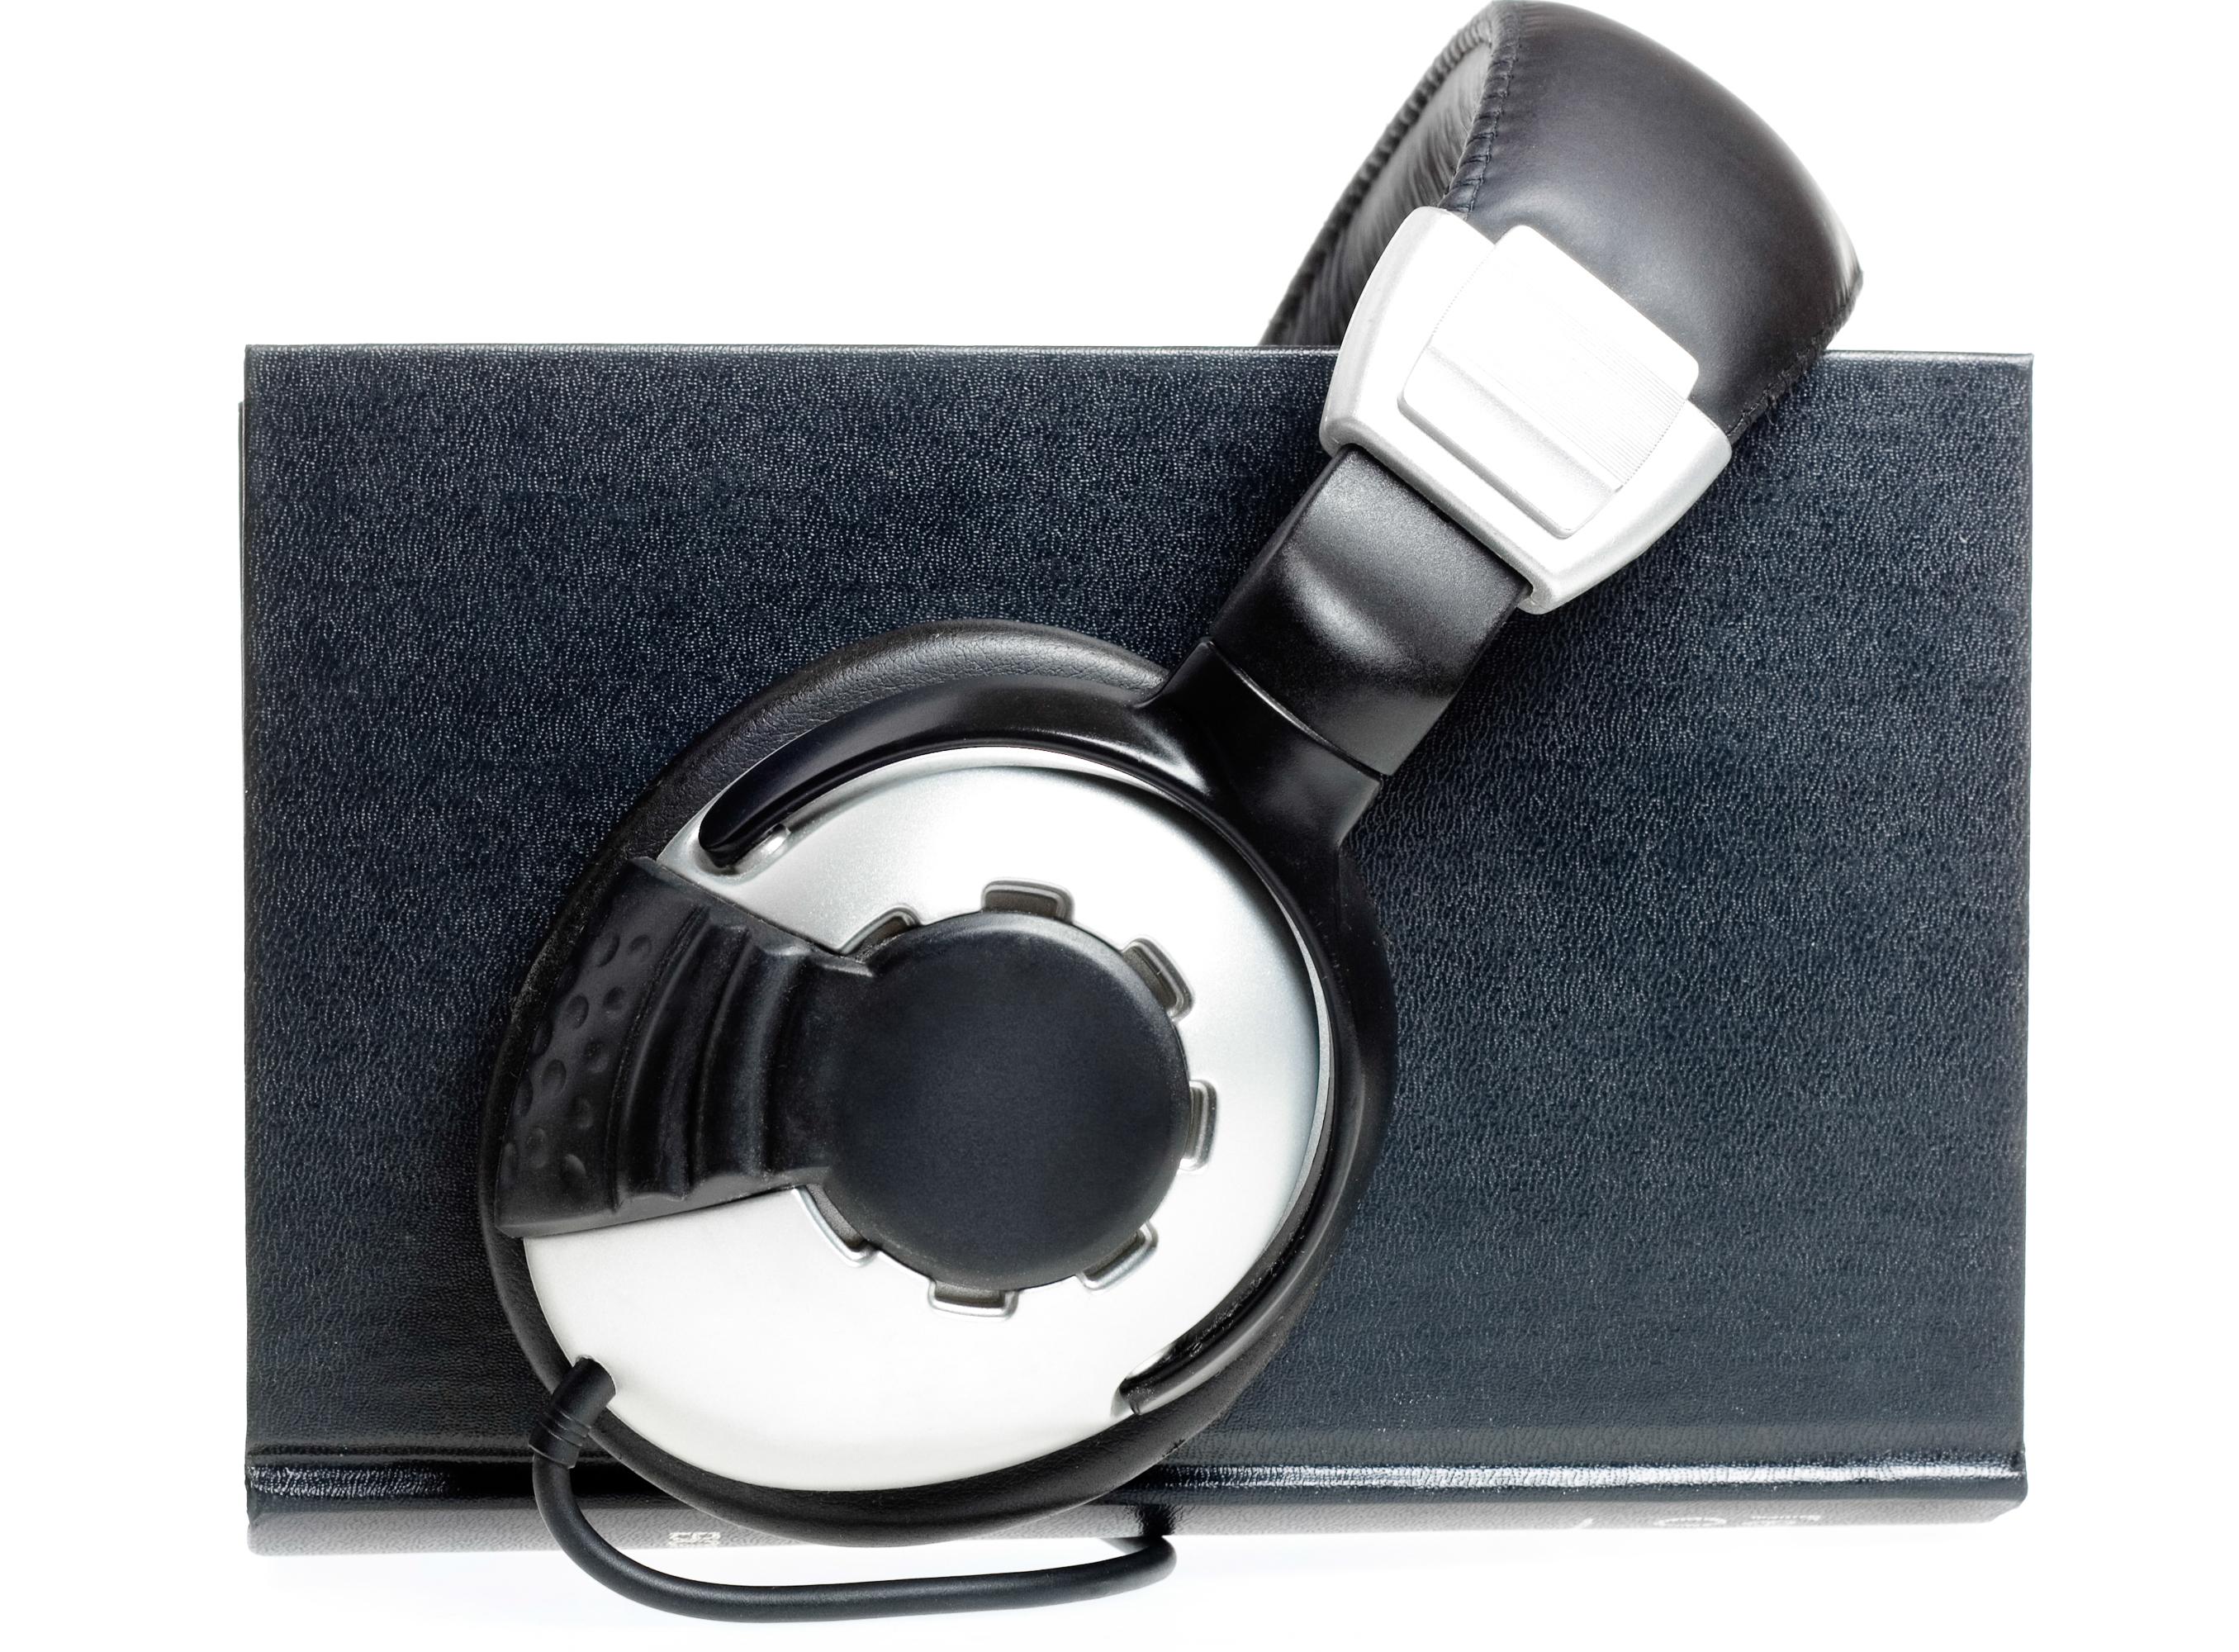 Audio book concept, Audio, Speaker, Pile, Play, HQ Photo